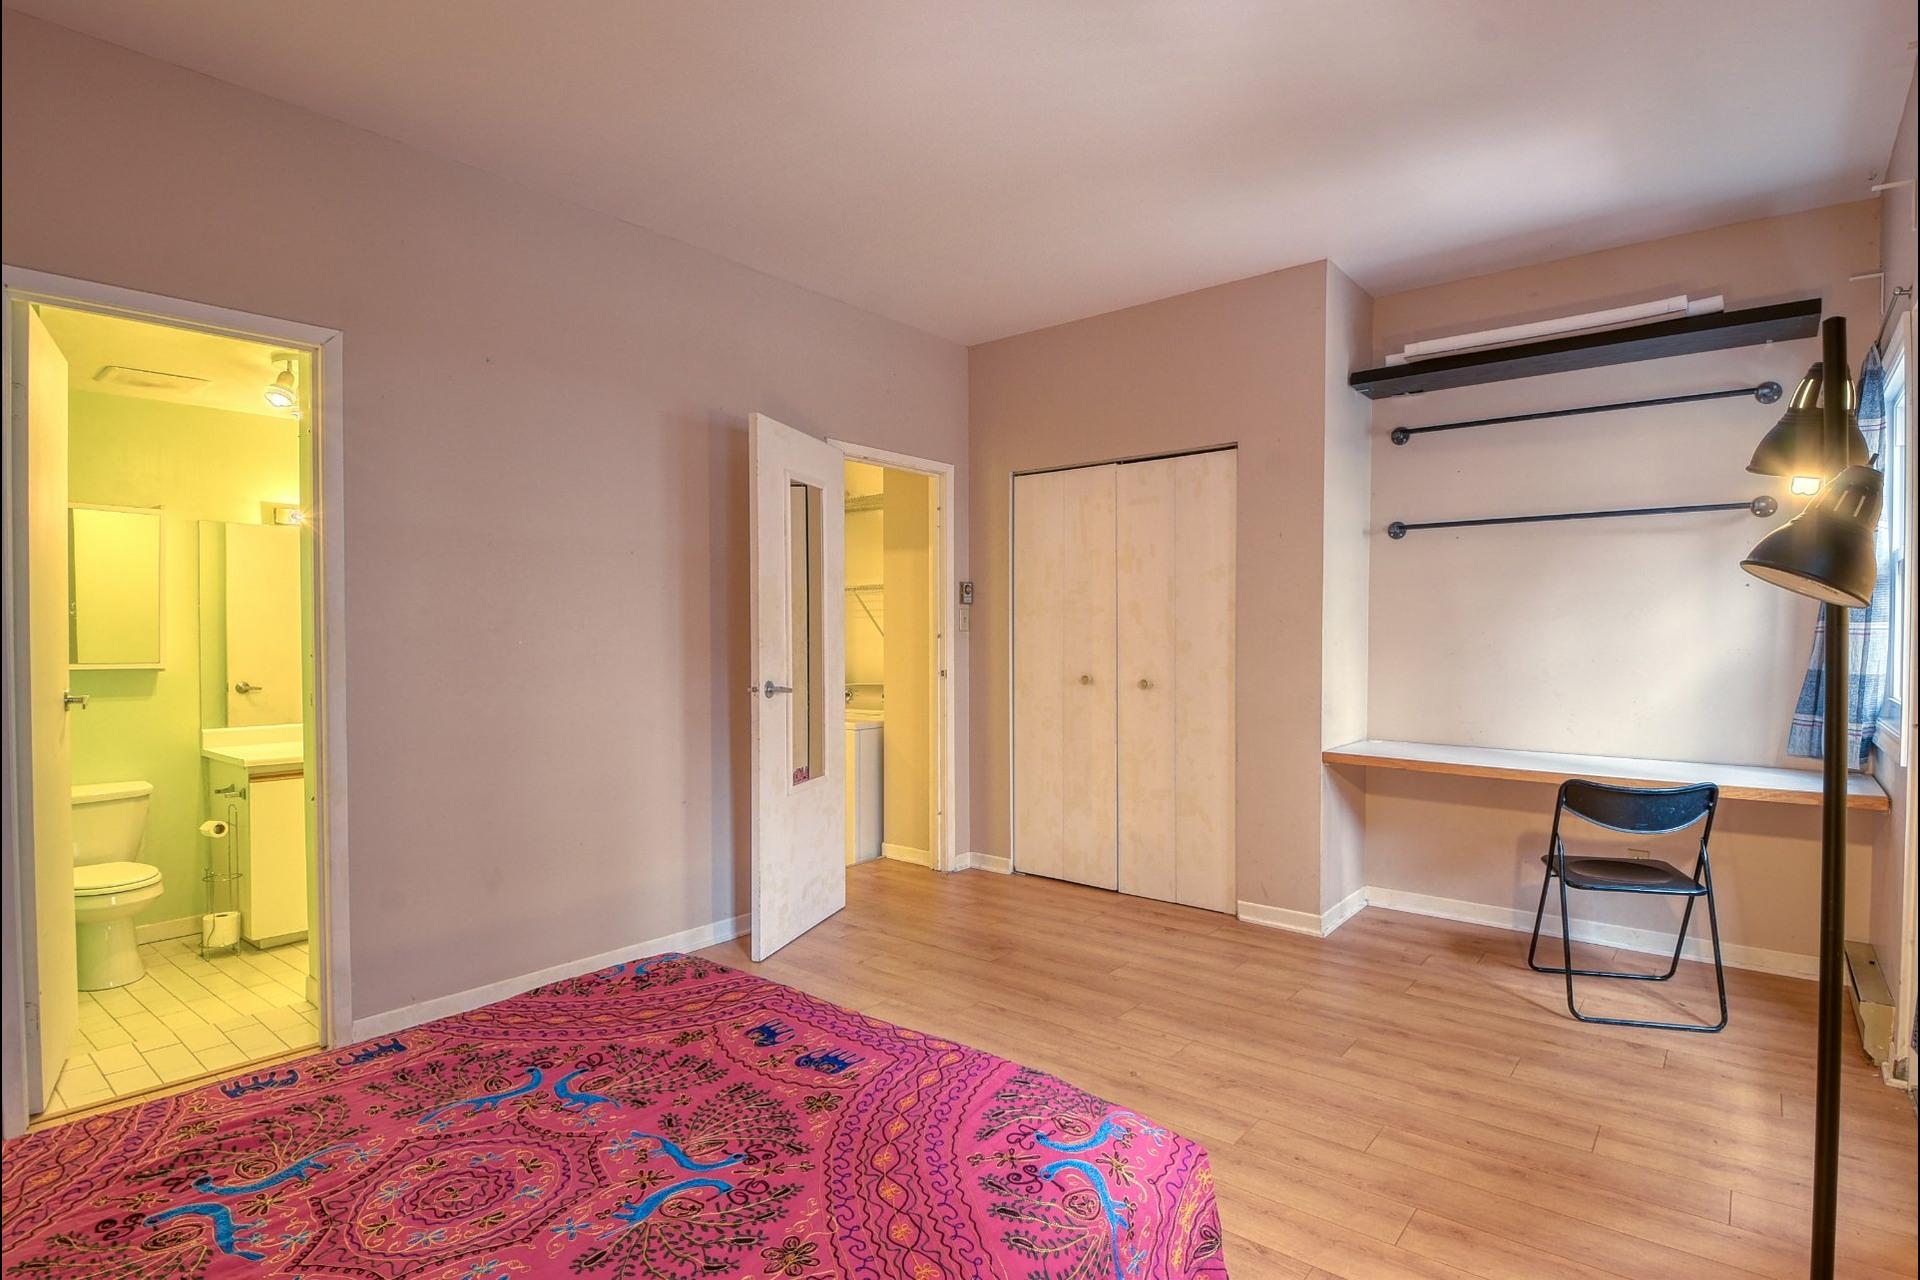 image 13 - Appartement À vendre Le Plateau-Mont-Royal Montréal  - 5 pièces